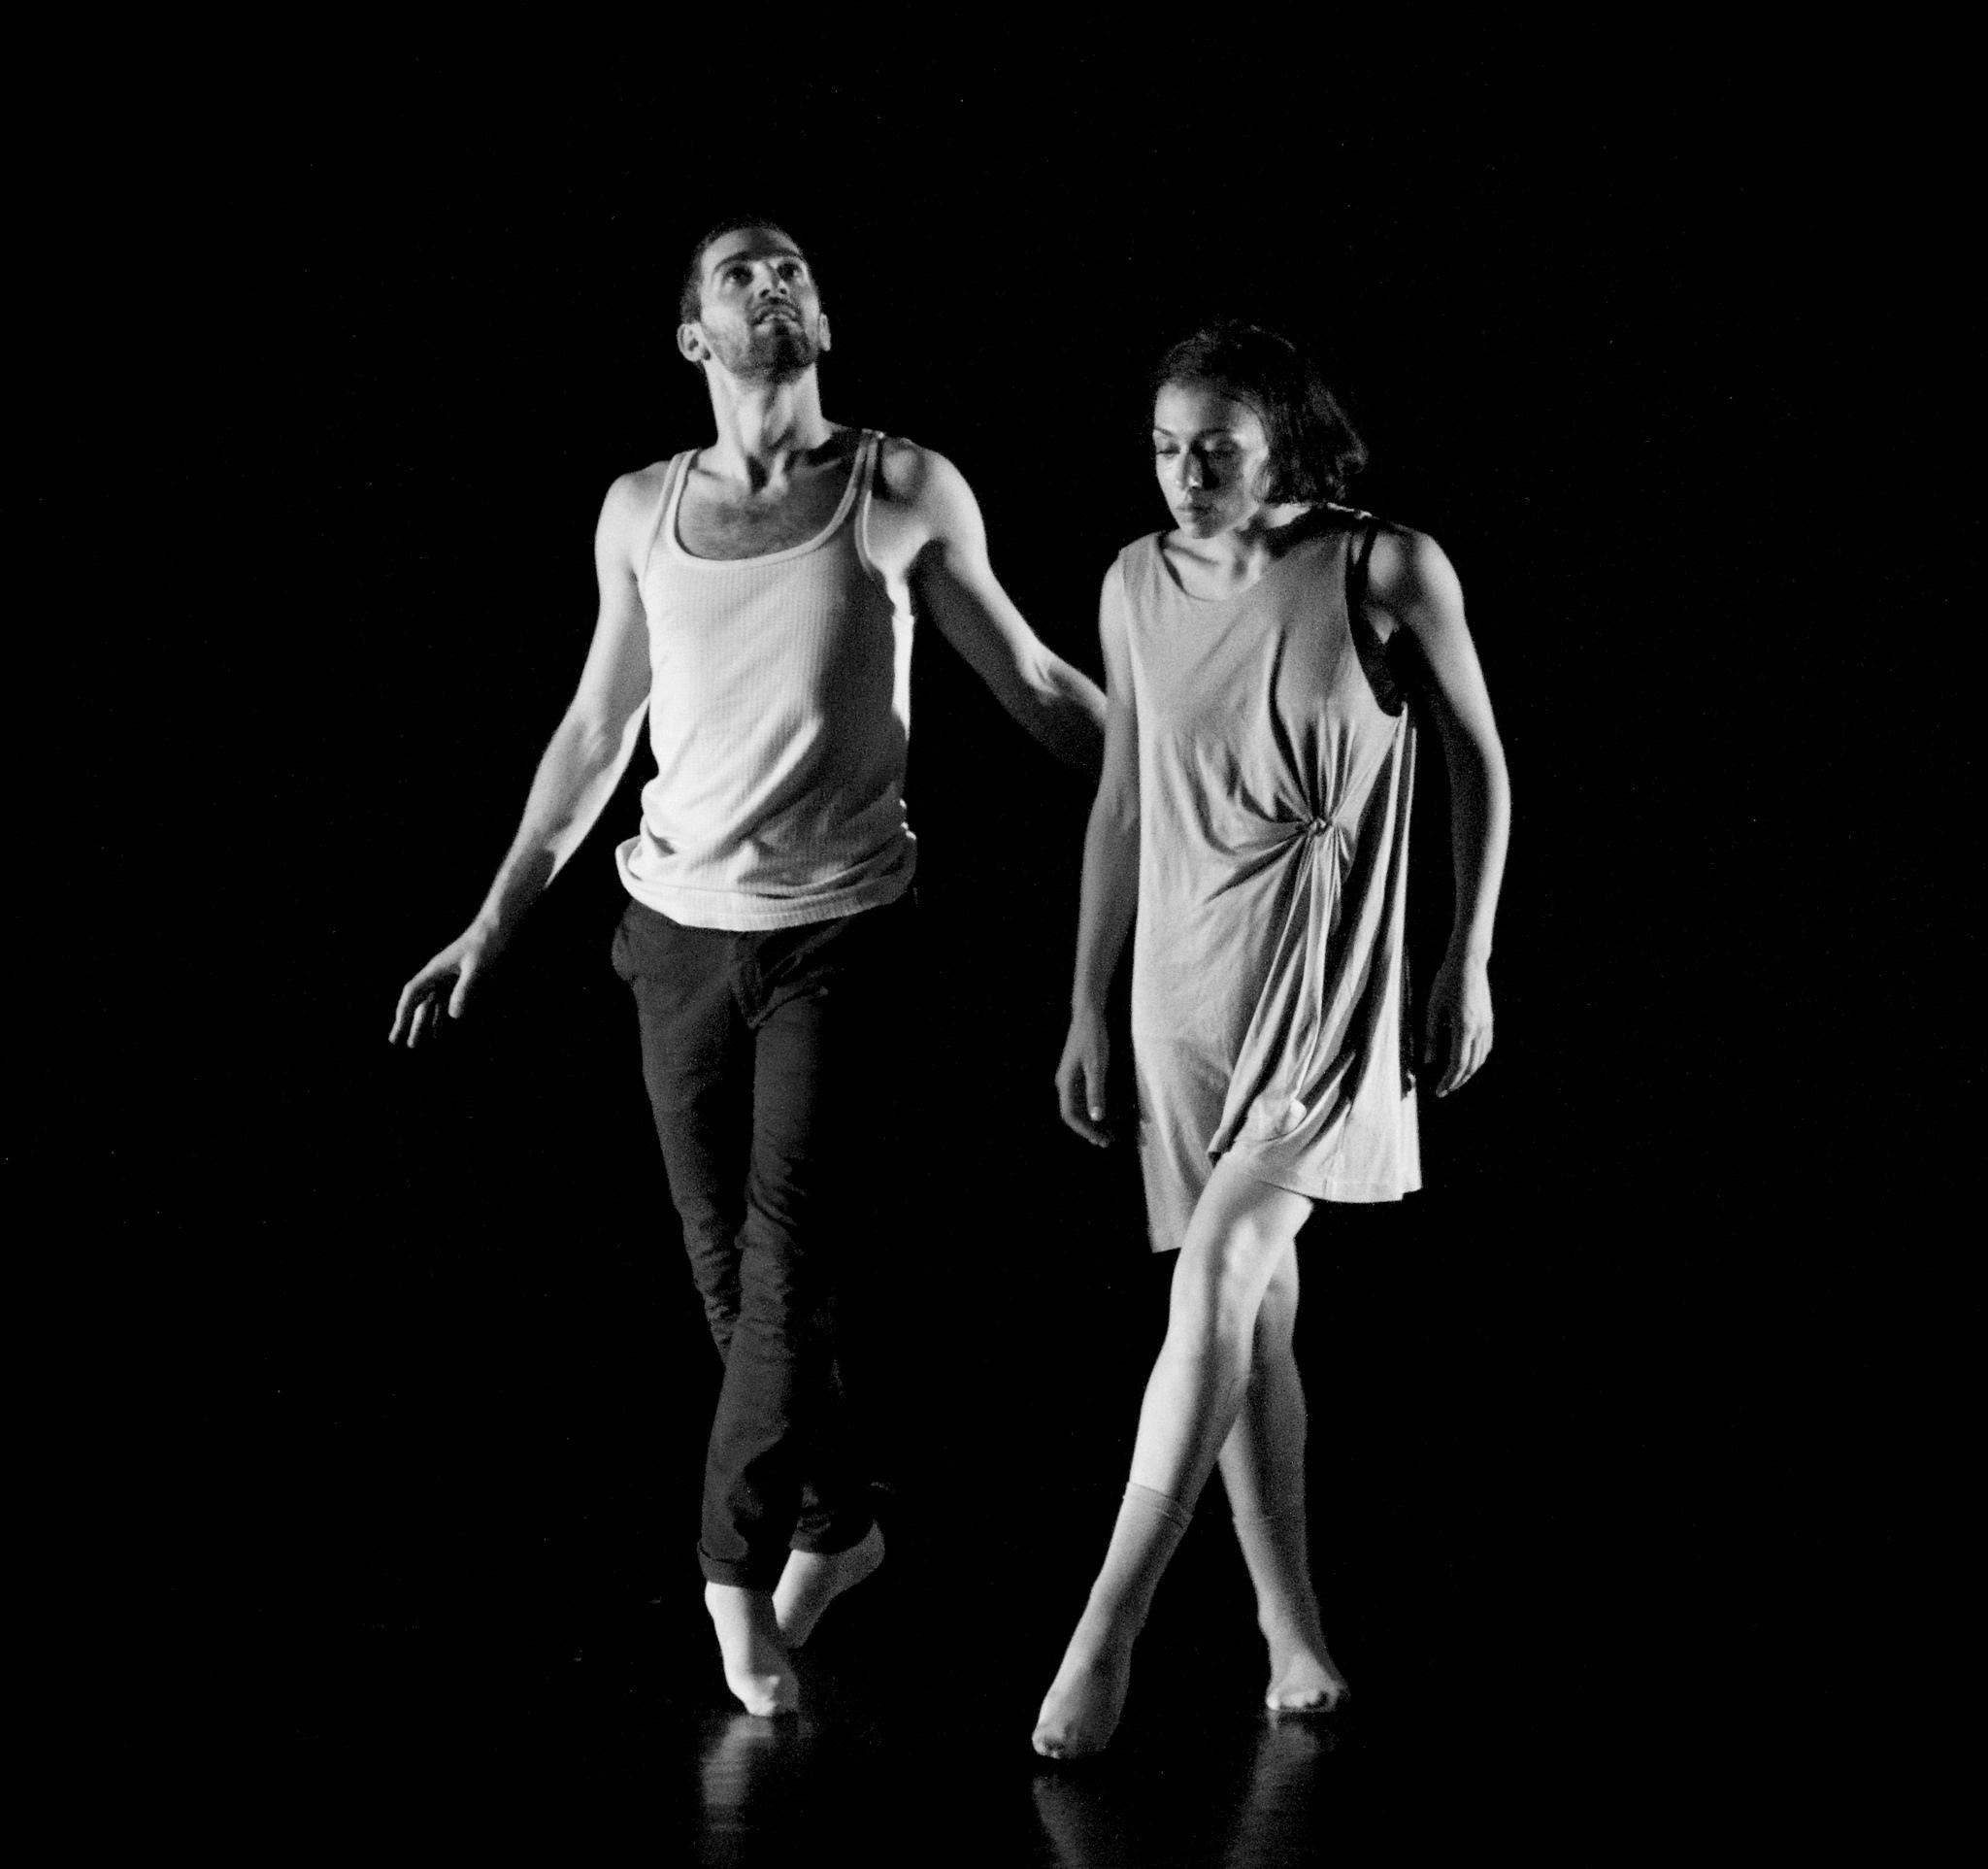 """https://flic.kr/p/Kwwyny   Balletto """"2 agosto 1980""""   Francesco Maggio Di Morsi e Rimorsi commissioned by the International Composing…"""